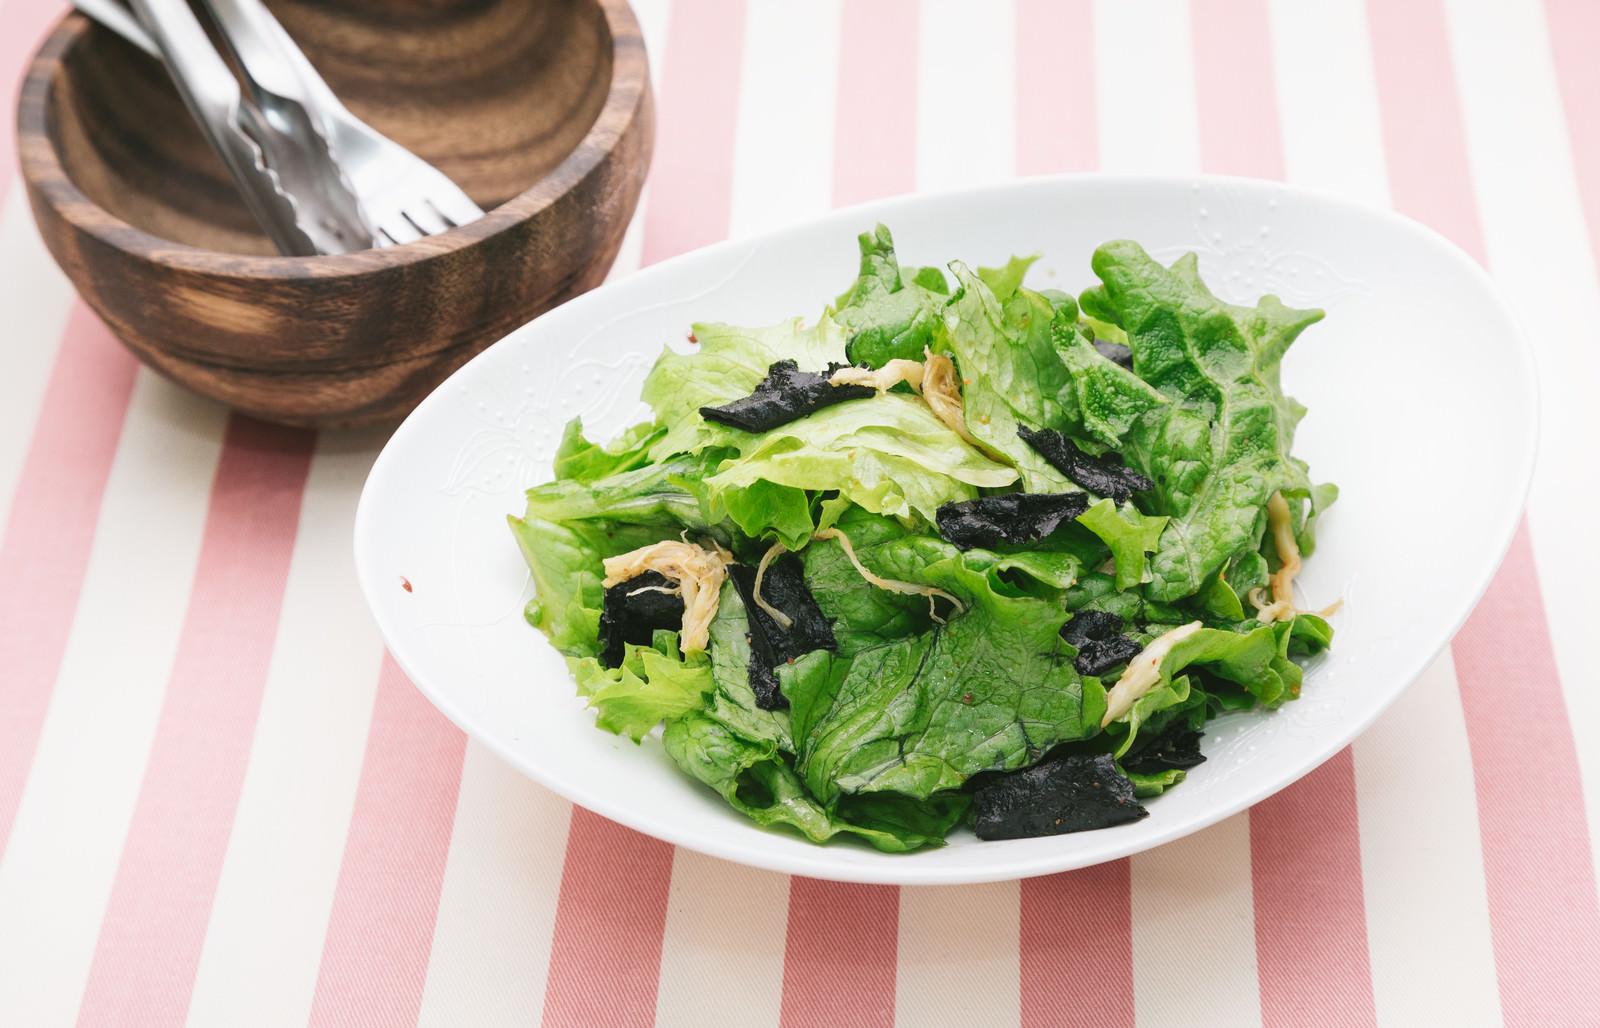 「グリーンレタスをふんだんに使ったサラダ」の写真